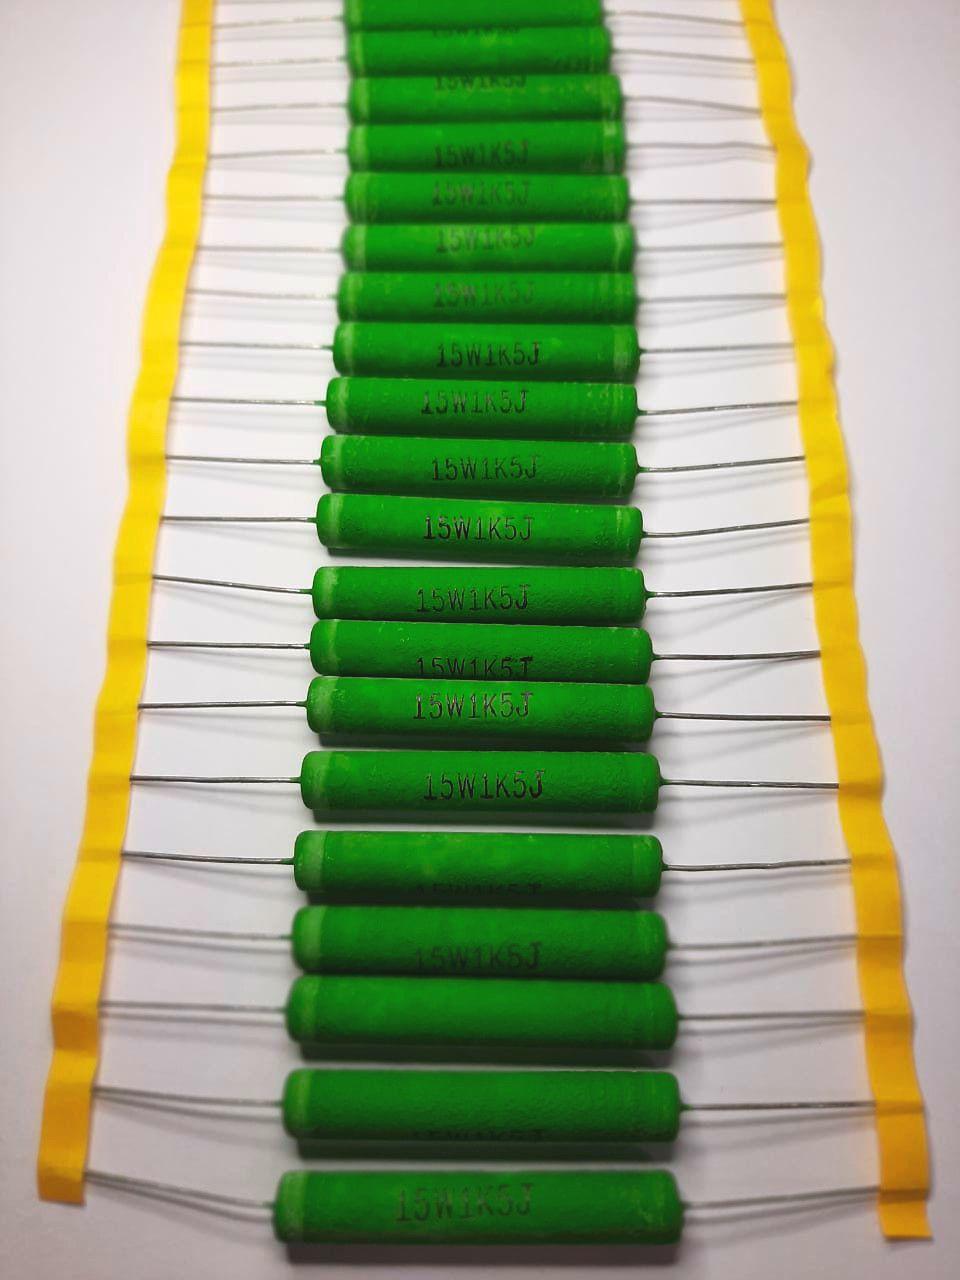 Resistores de Fio 15WS 5% Valores 1K0 Até 2K2 Caixa com 200 Peças